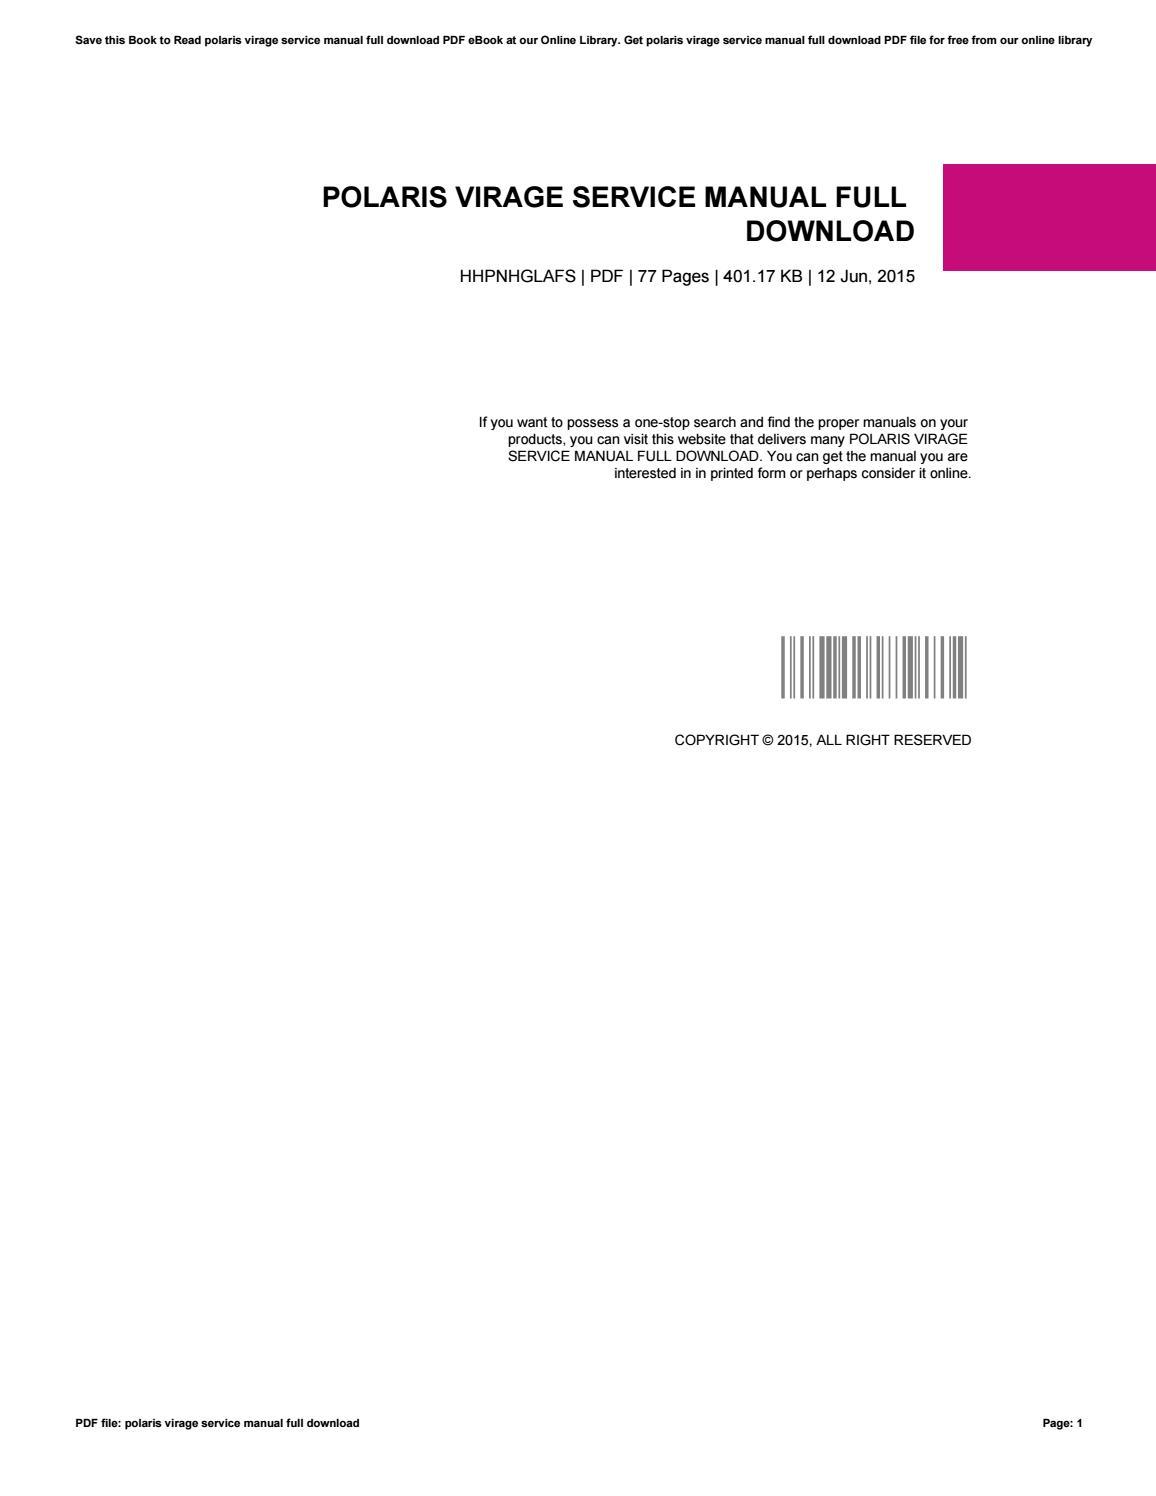 2015 polaris genesis 1200 manual rh 2015 polaris genesis 1200 manual tempower us